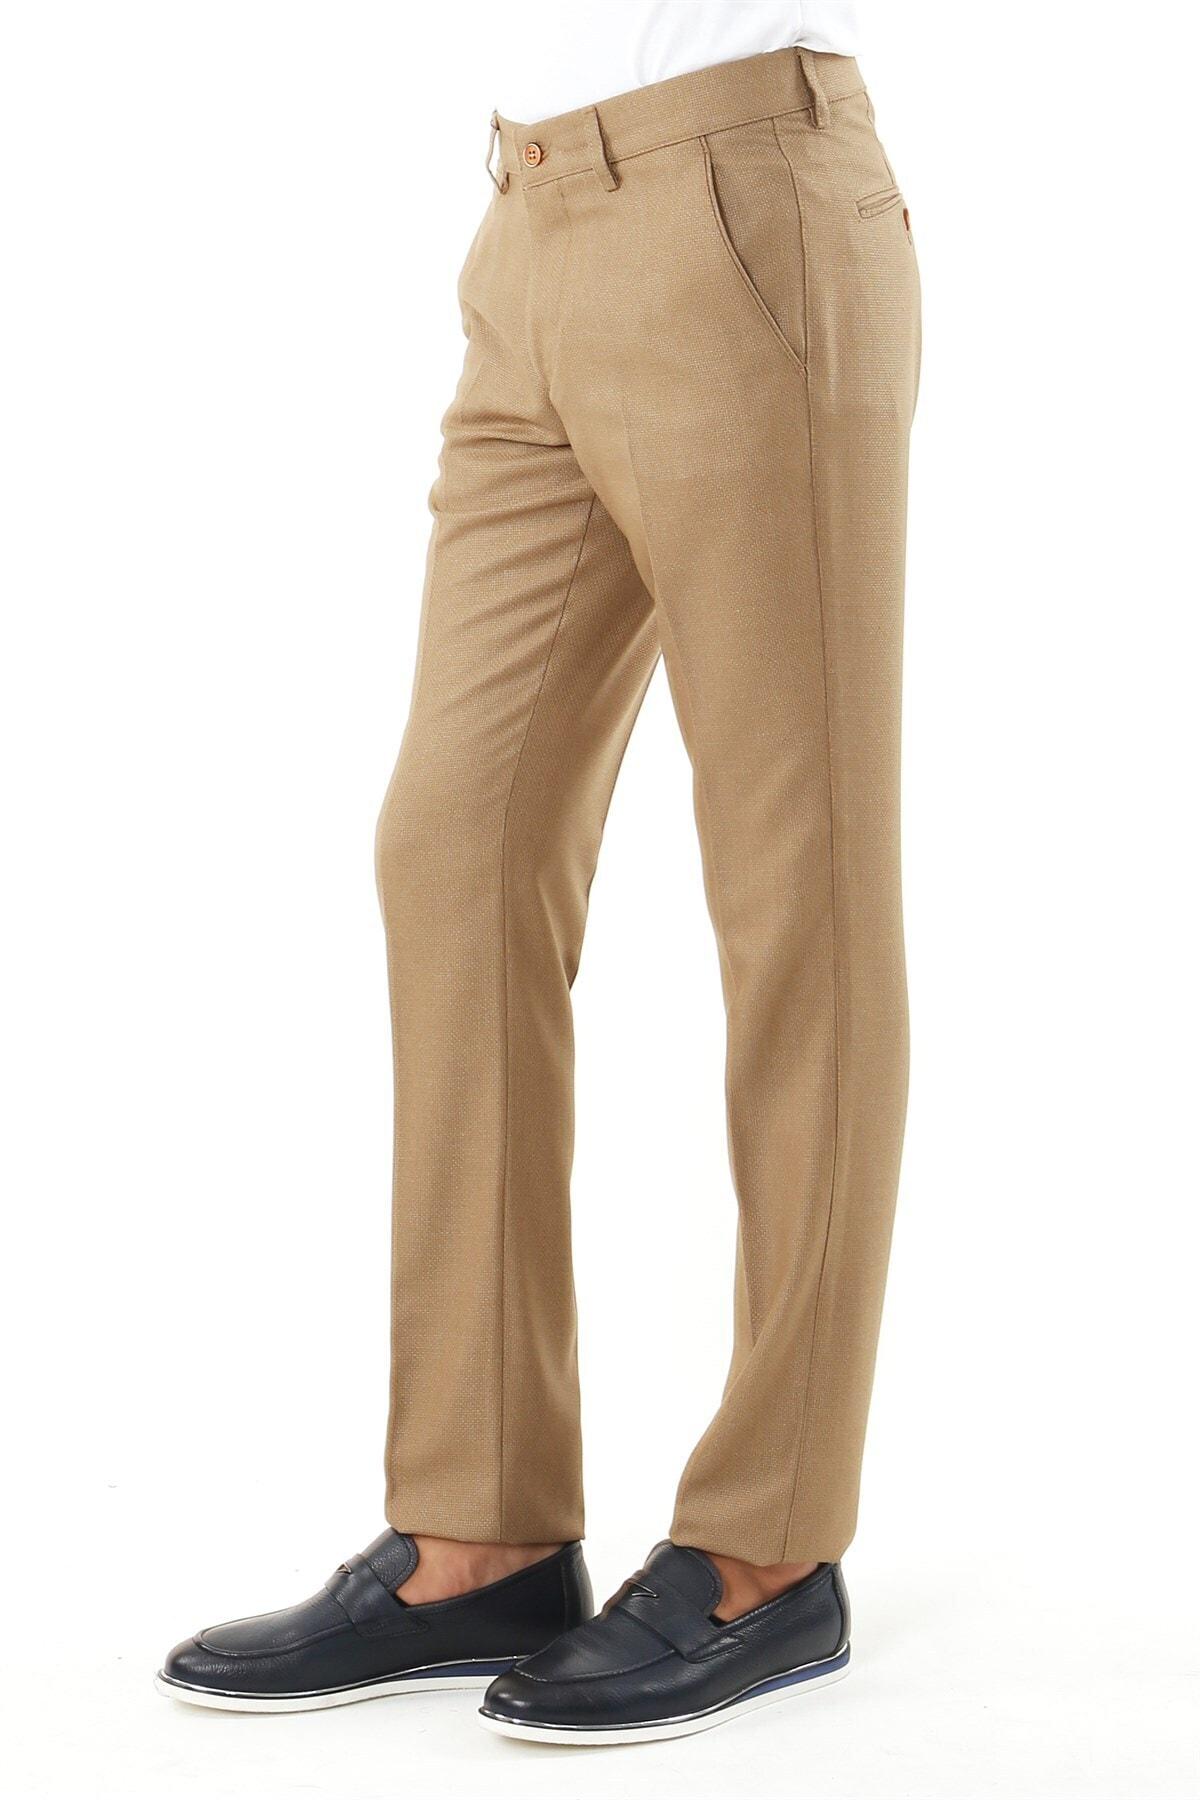 Jakamen Erkek  Kahverengi Regular Fit Serili  Spor Yan Cep Serili Pantolon 1